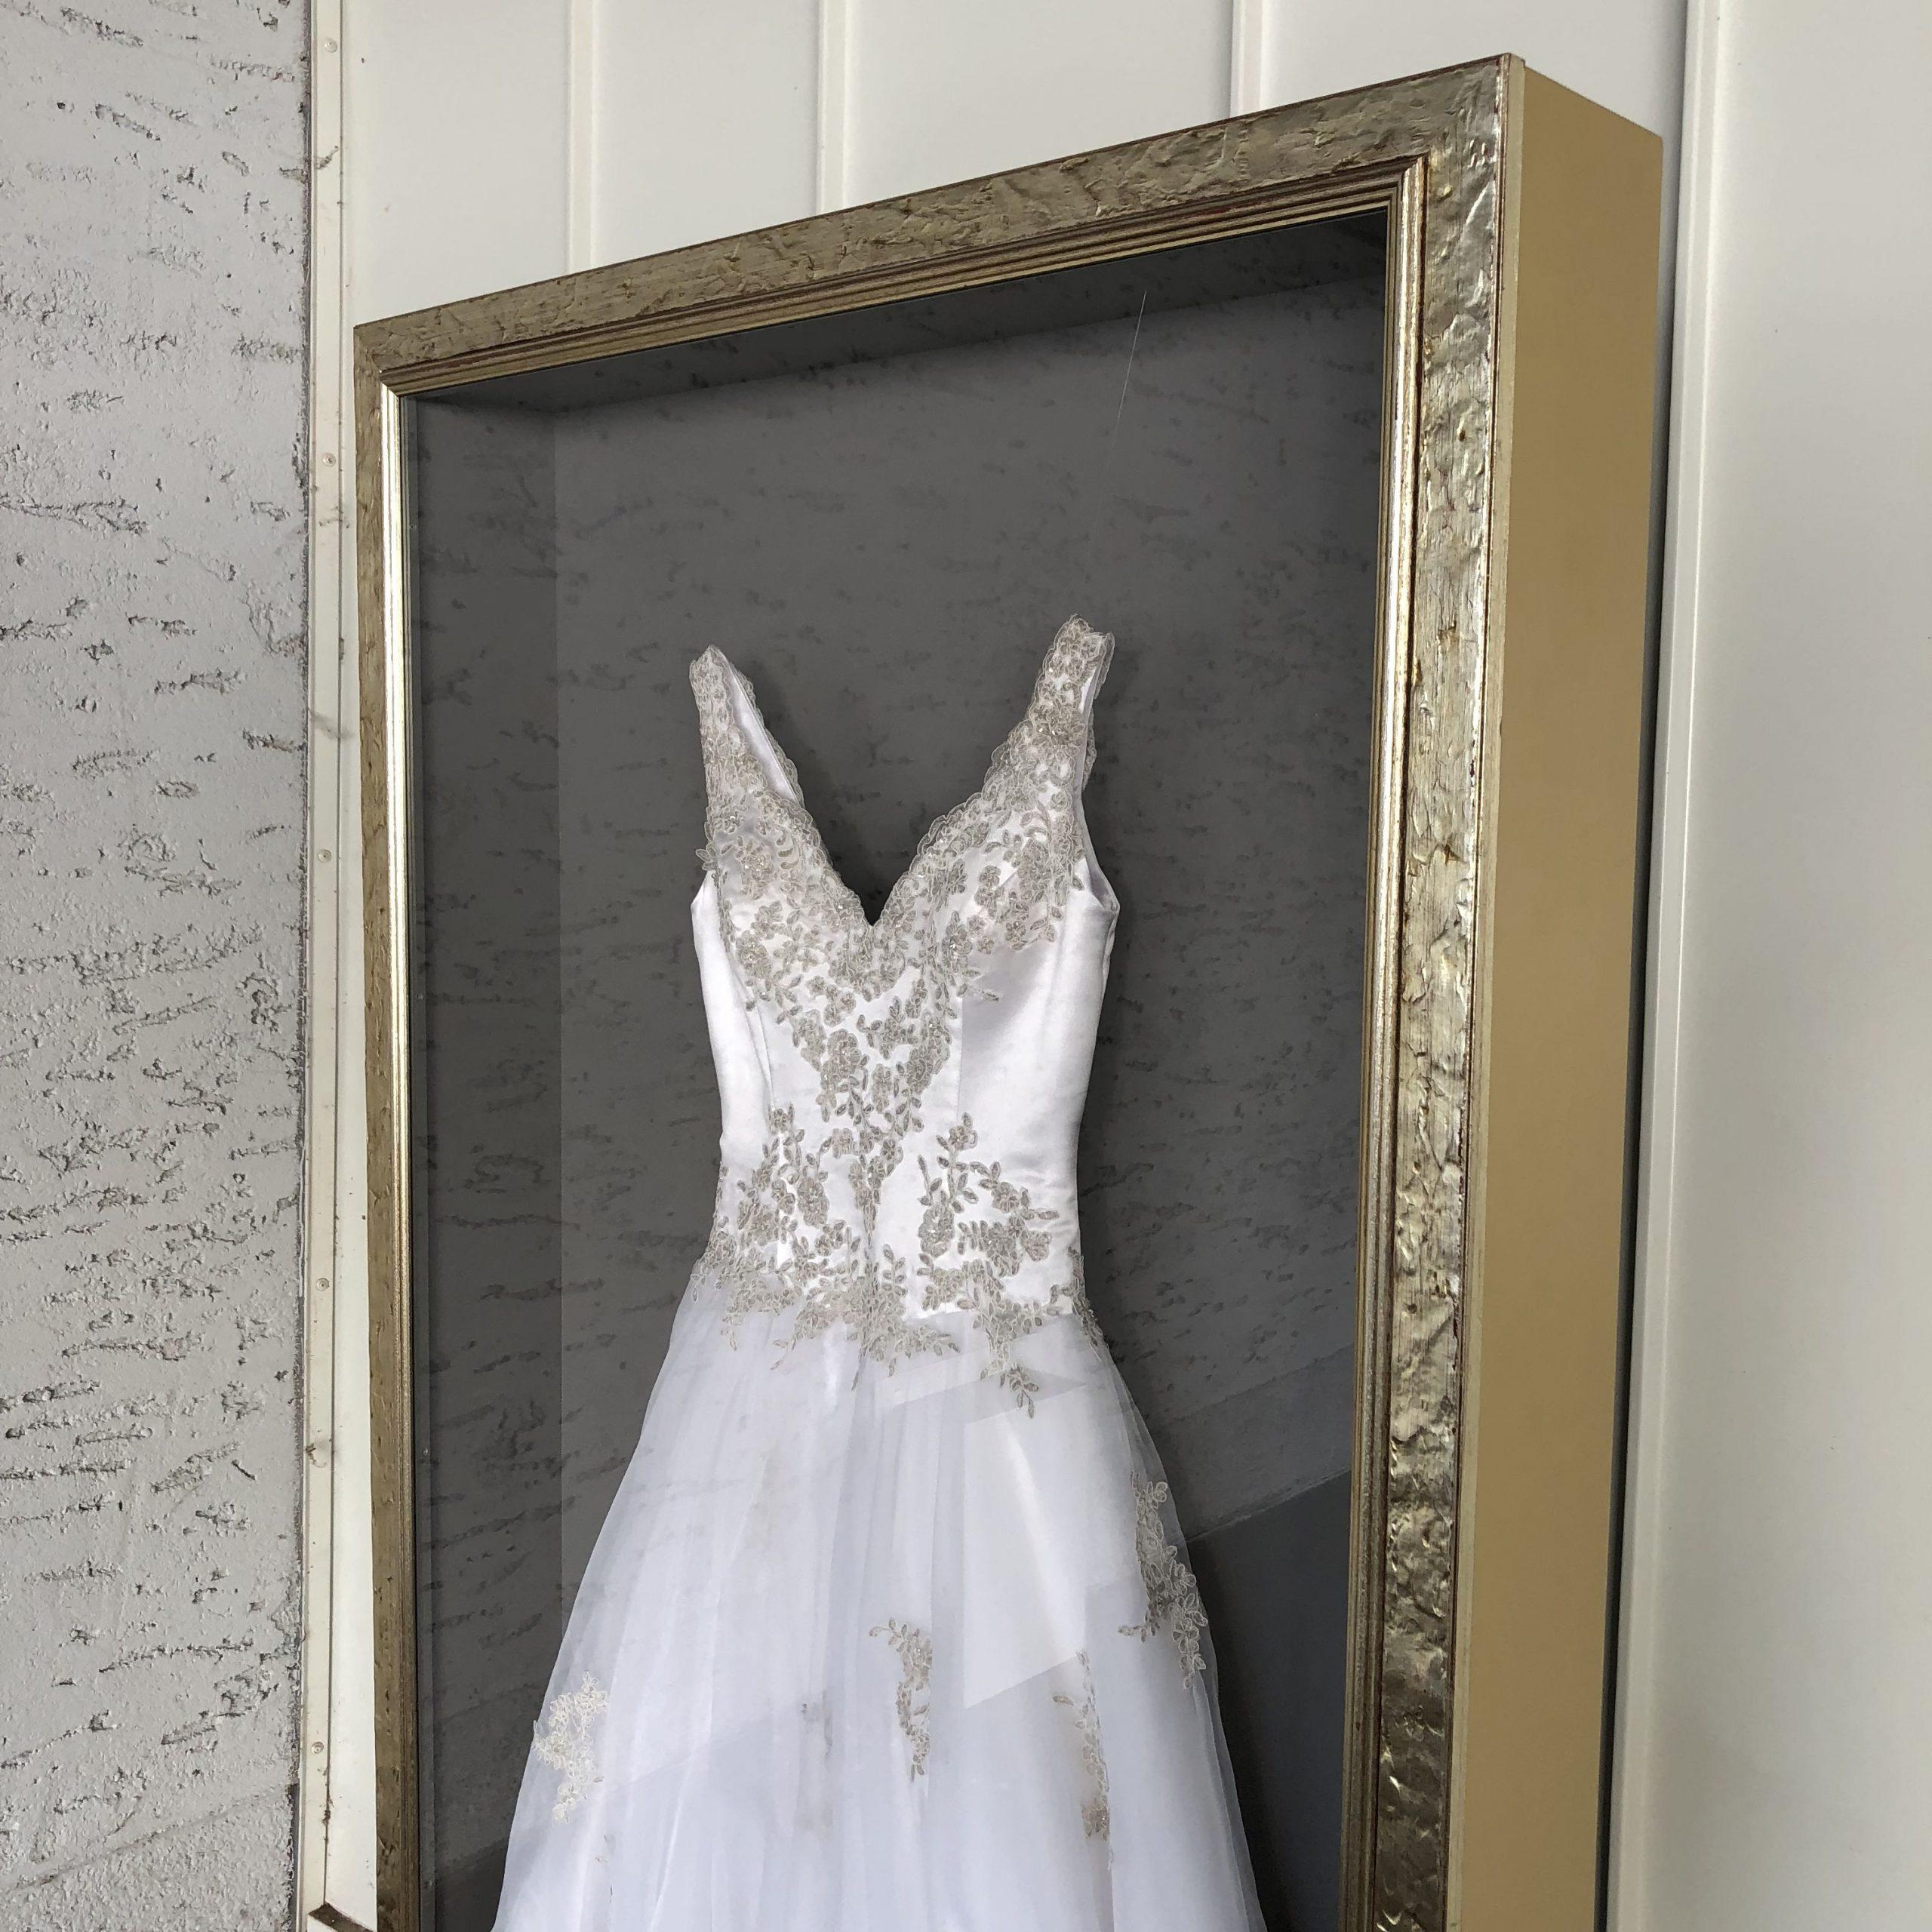 Wir Rahmen Dein Hochzeitskleid / Brautkleid Im